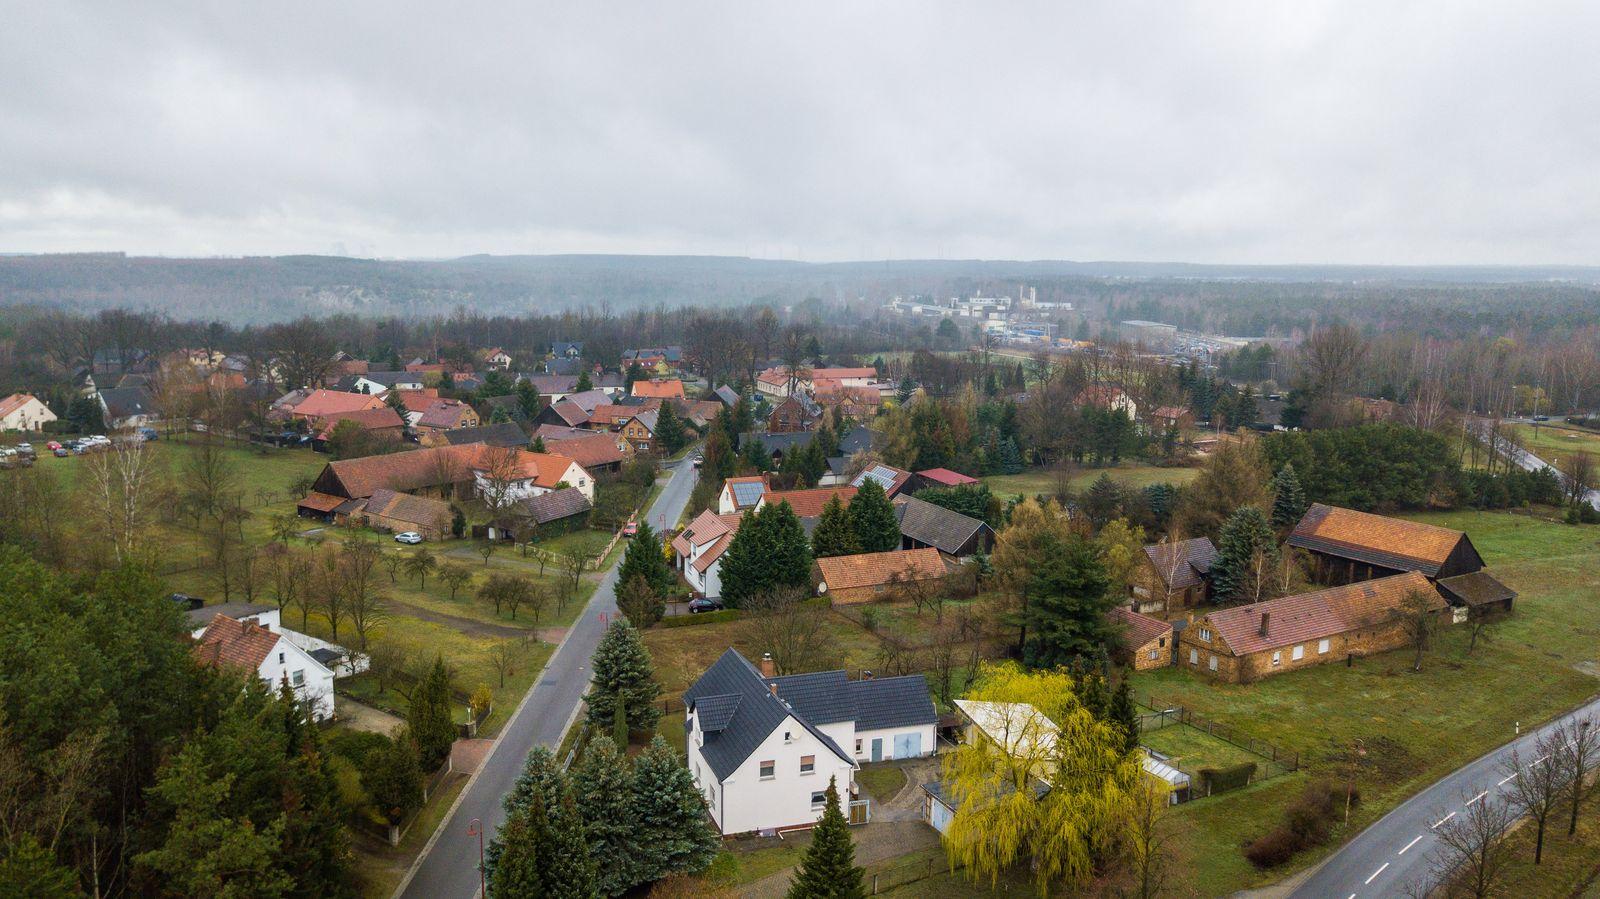 Braunkohleabbau in der Lausitz - Dorf Mühlrose